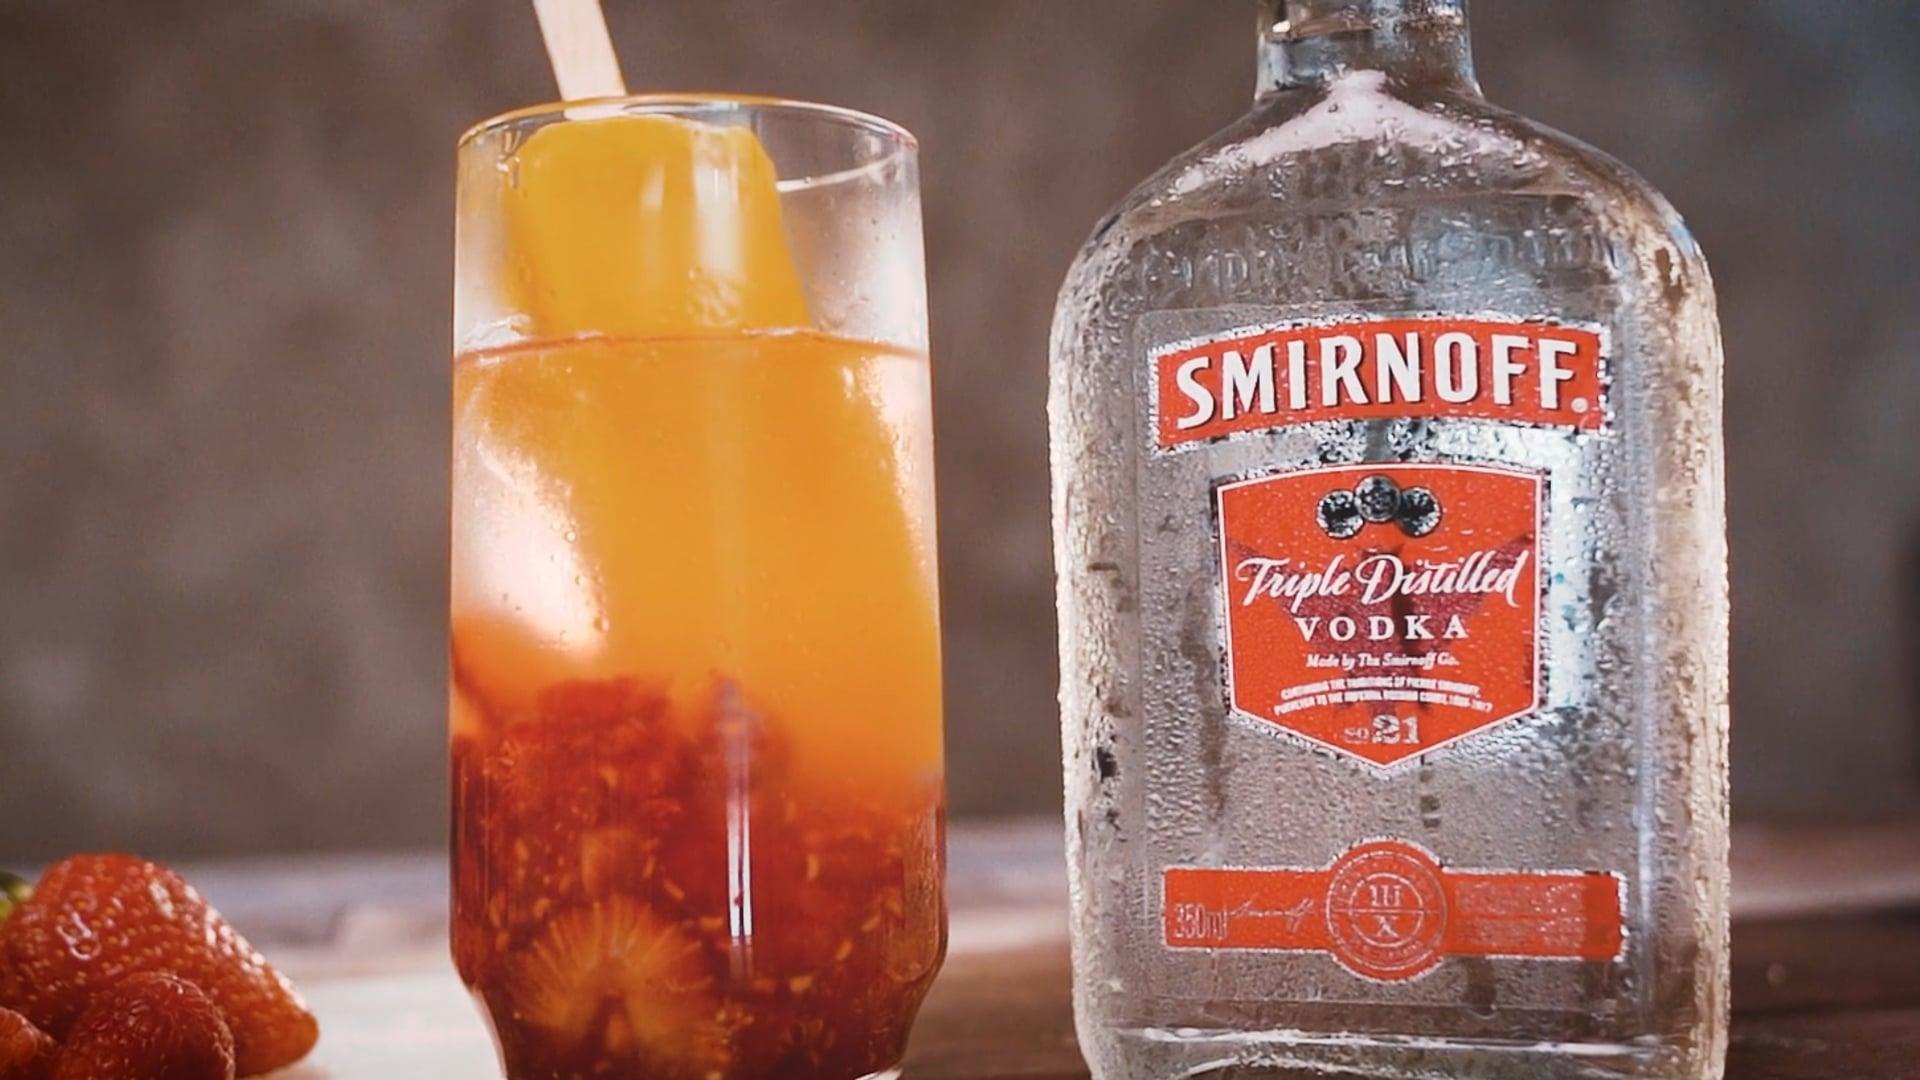 SMIRNOFF - DRINK IT UP